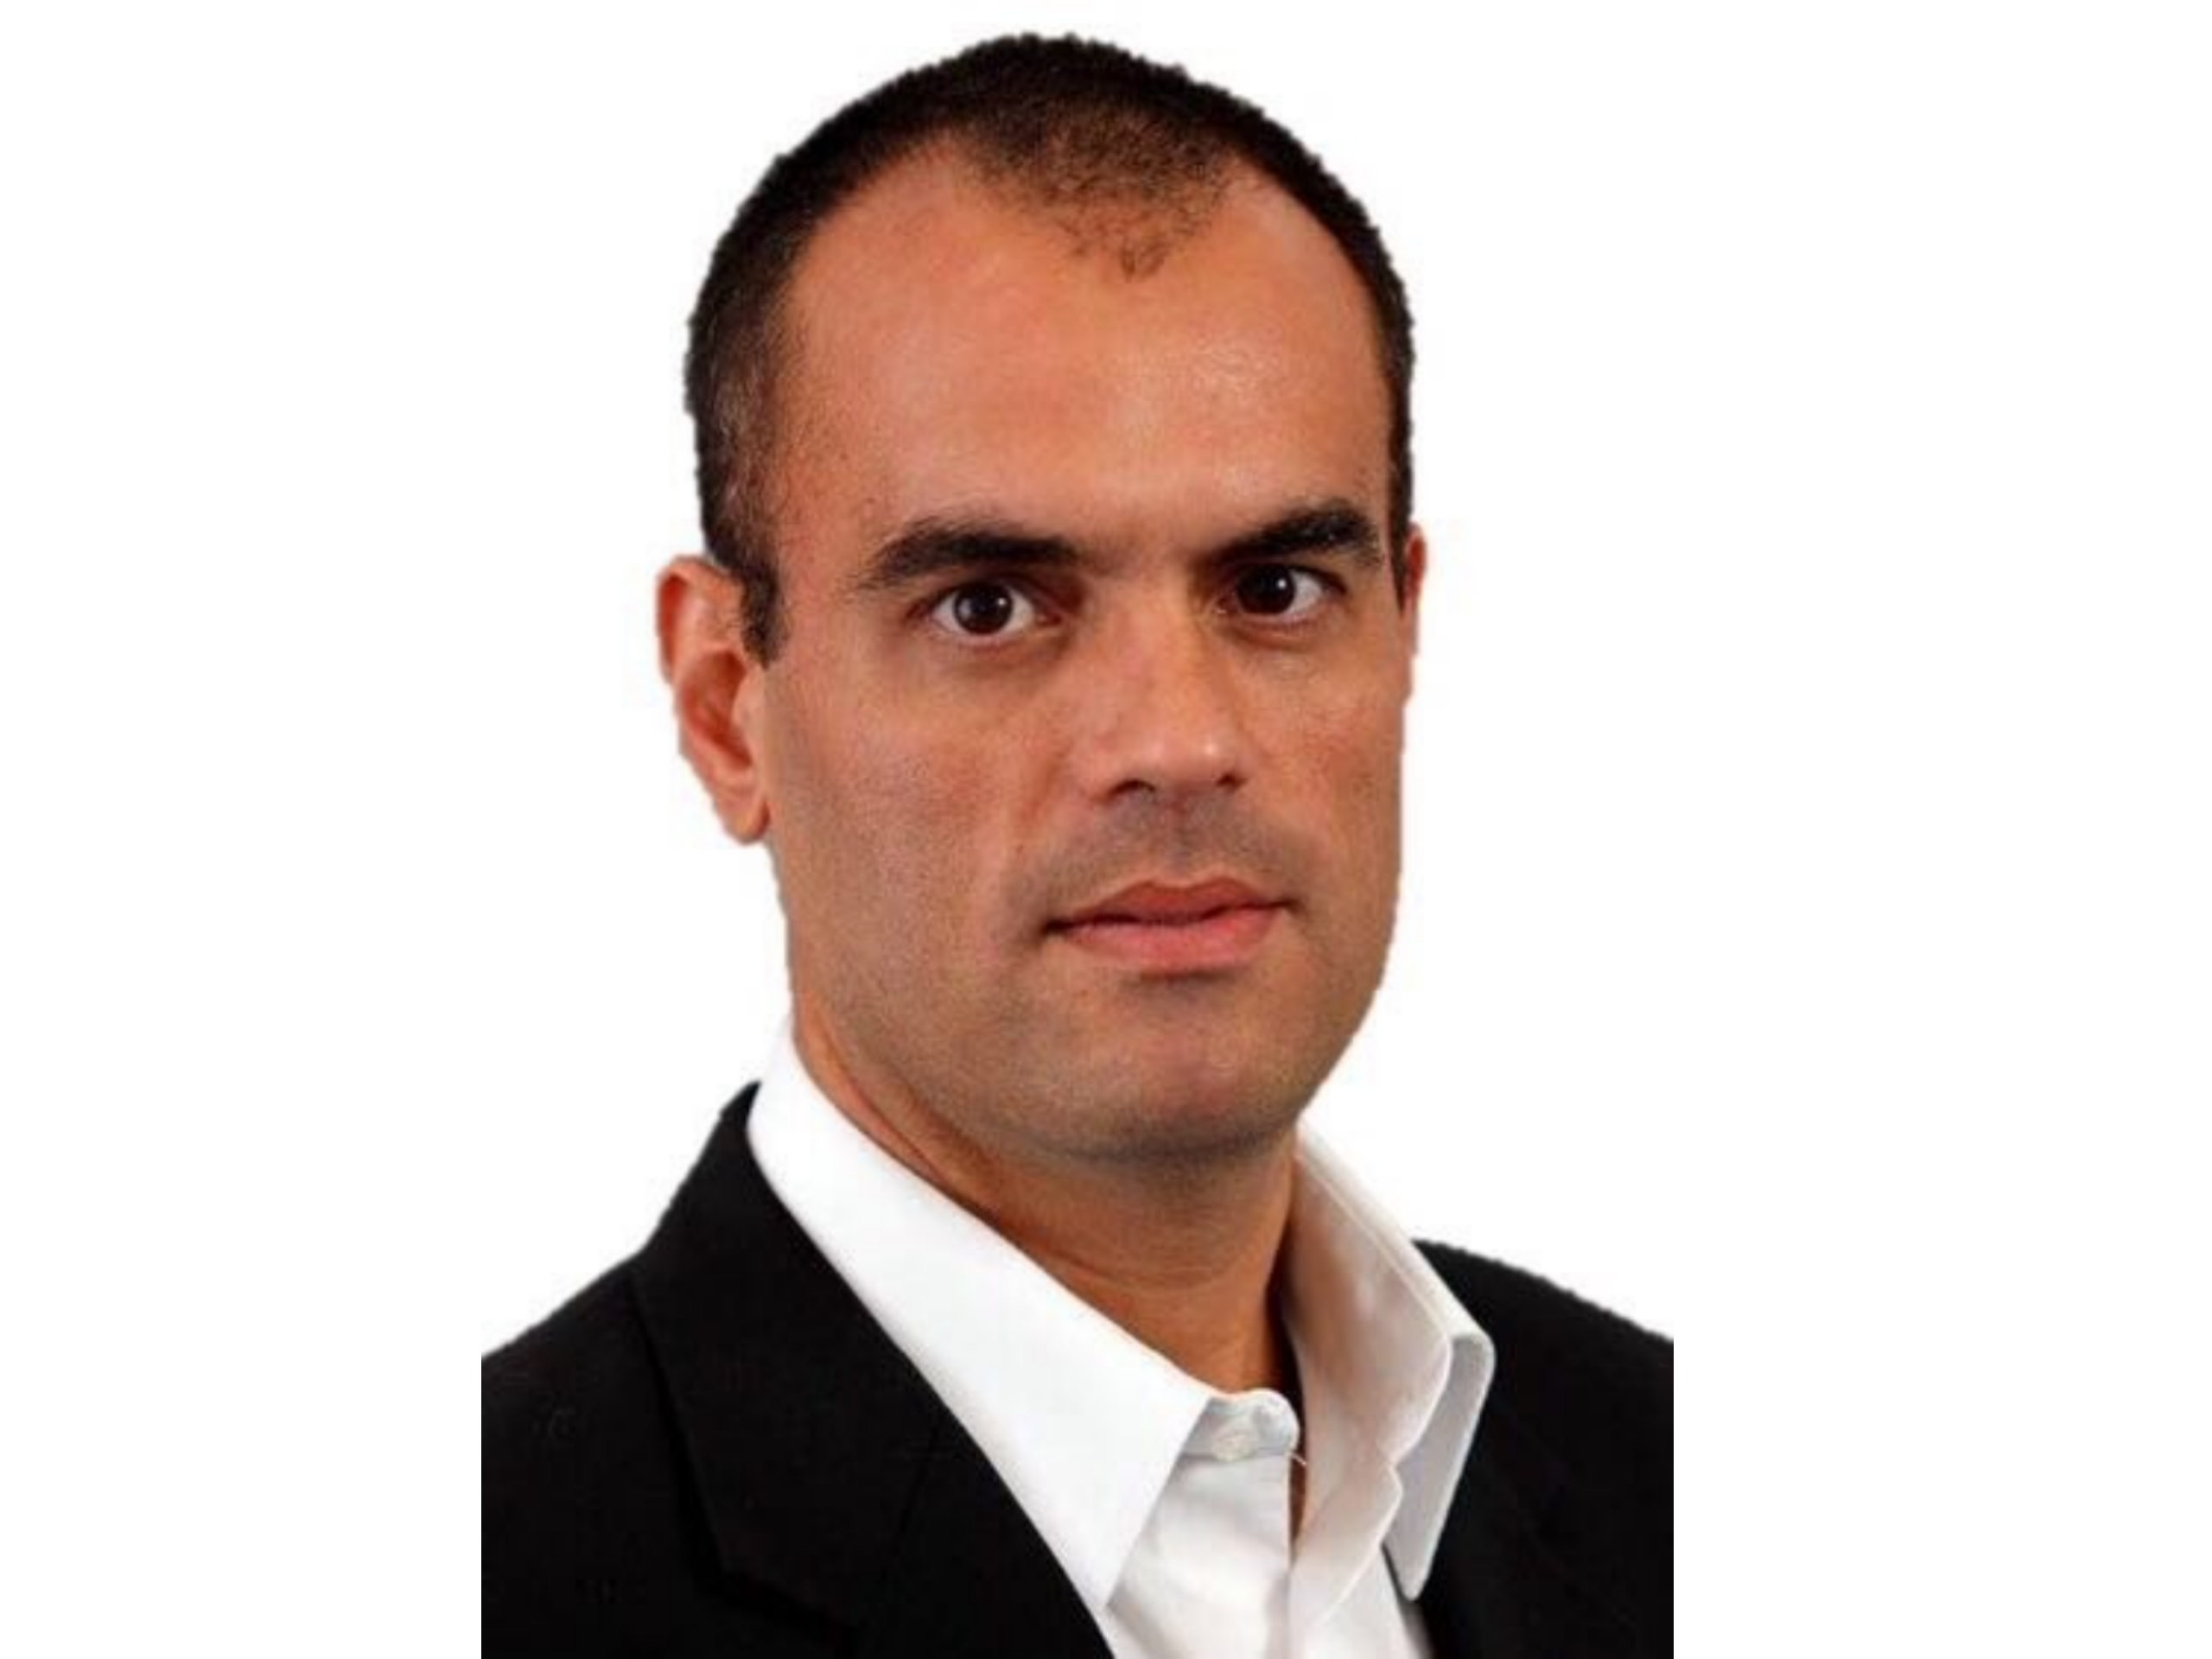 Diretor da Telefônica Brasil destacaimportância da integração entre Facility Management, Property e Workplace